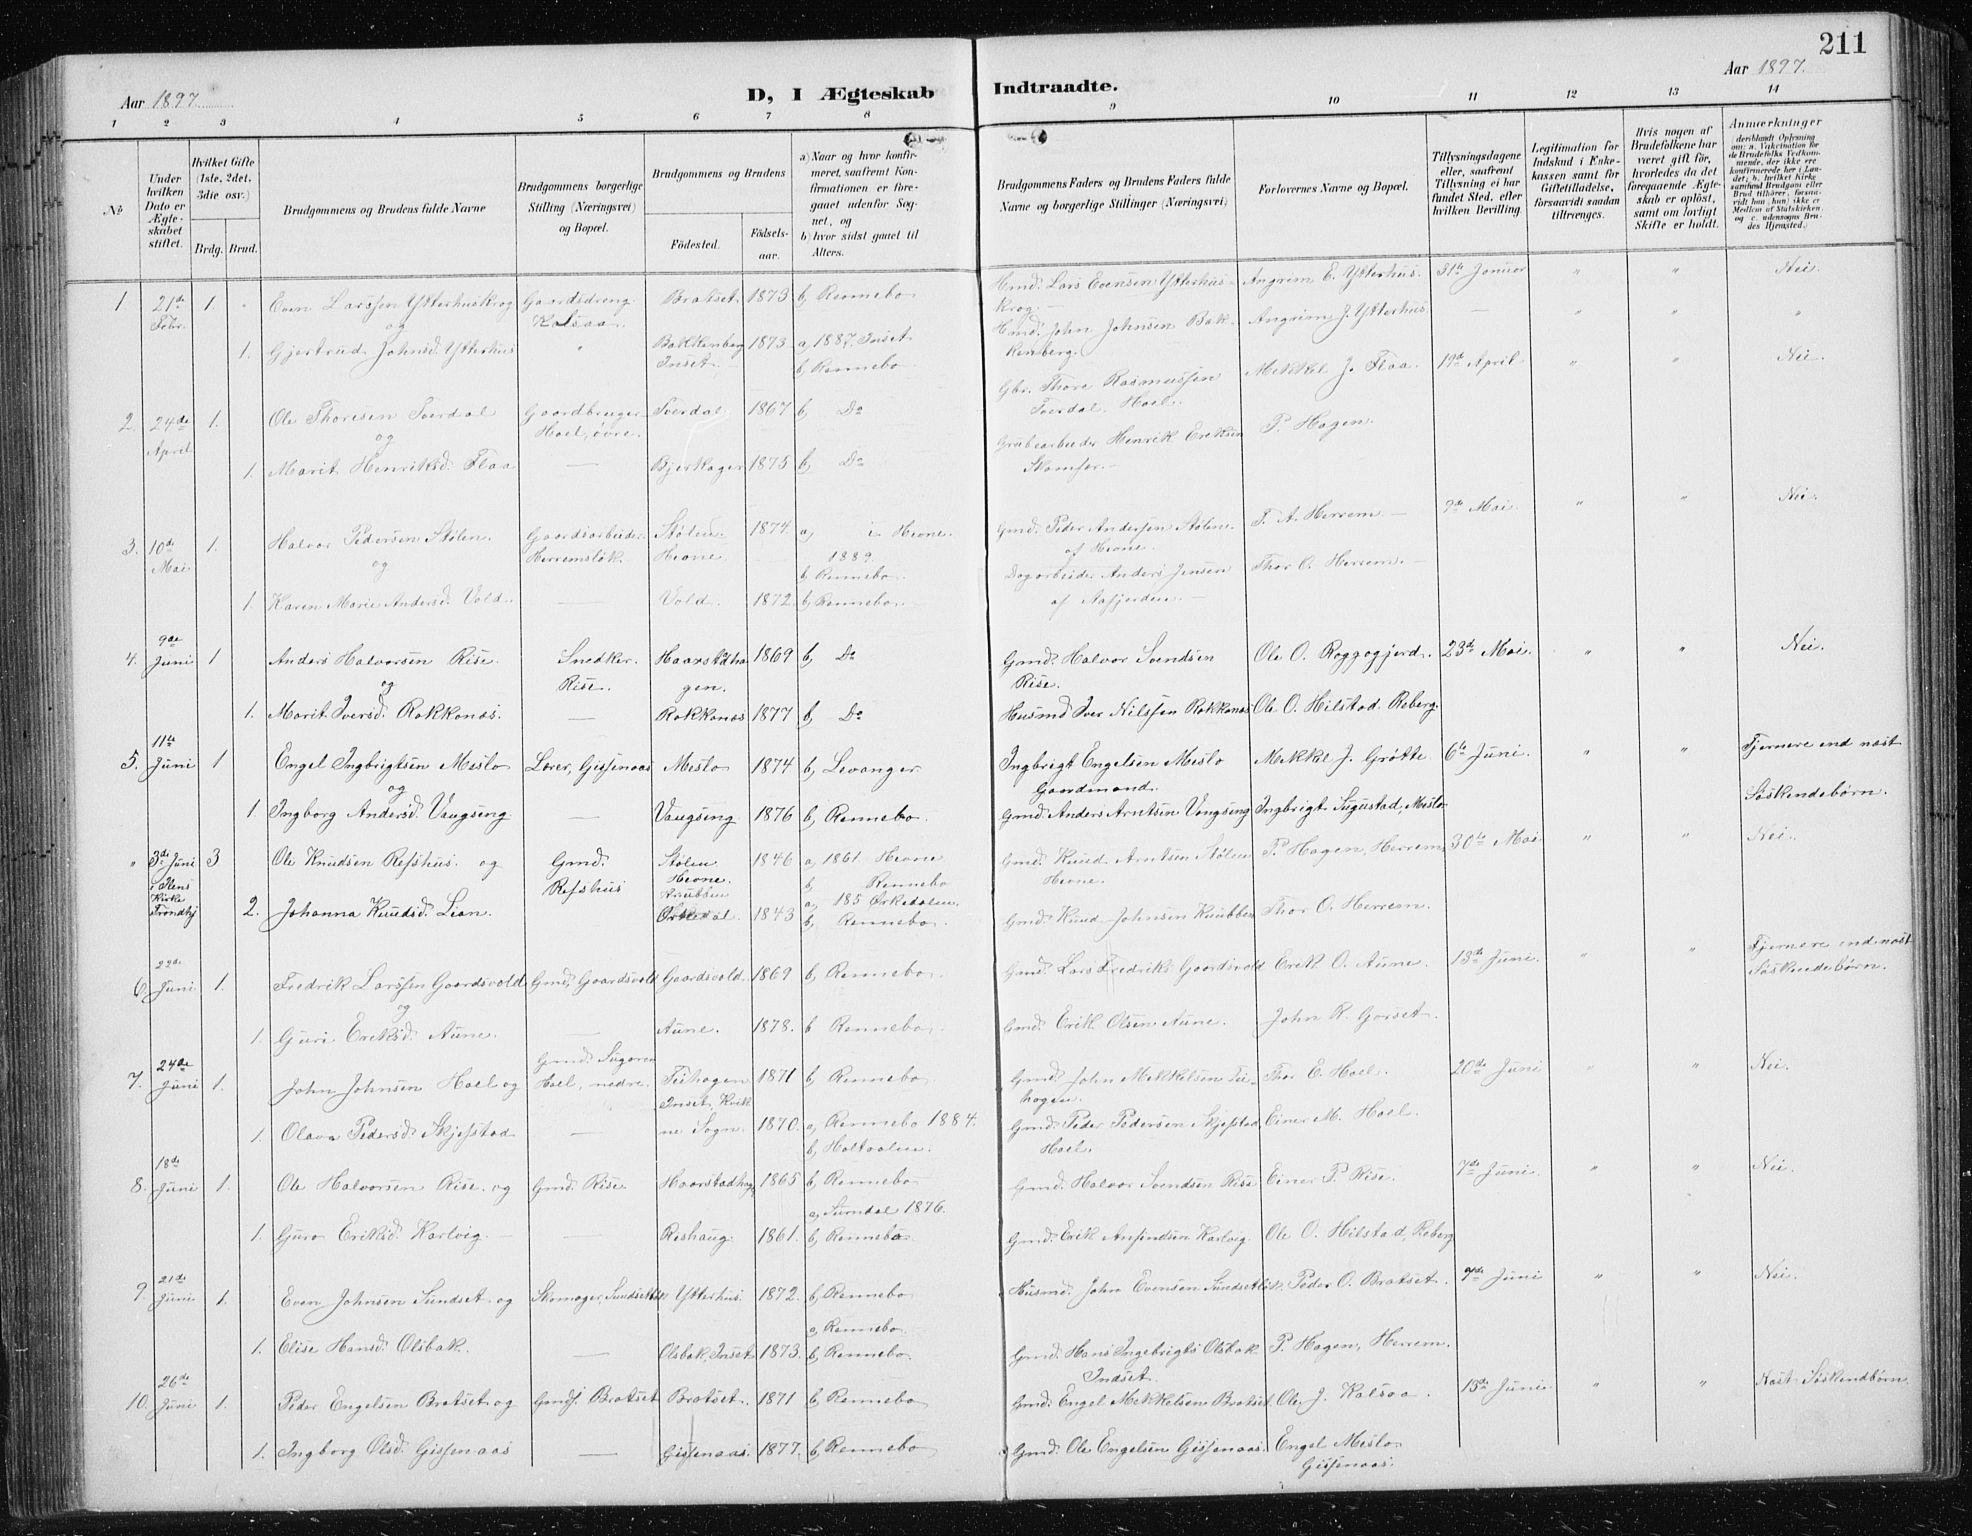 SAT, Ministerialprotokoller, klokkerbøker og fødselsregistre - Sør-Trøndelag, 674/L0876: Klokkerbok nr. 674C03, 1892-1912, s. 211